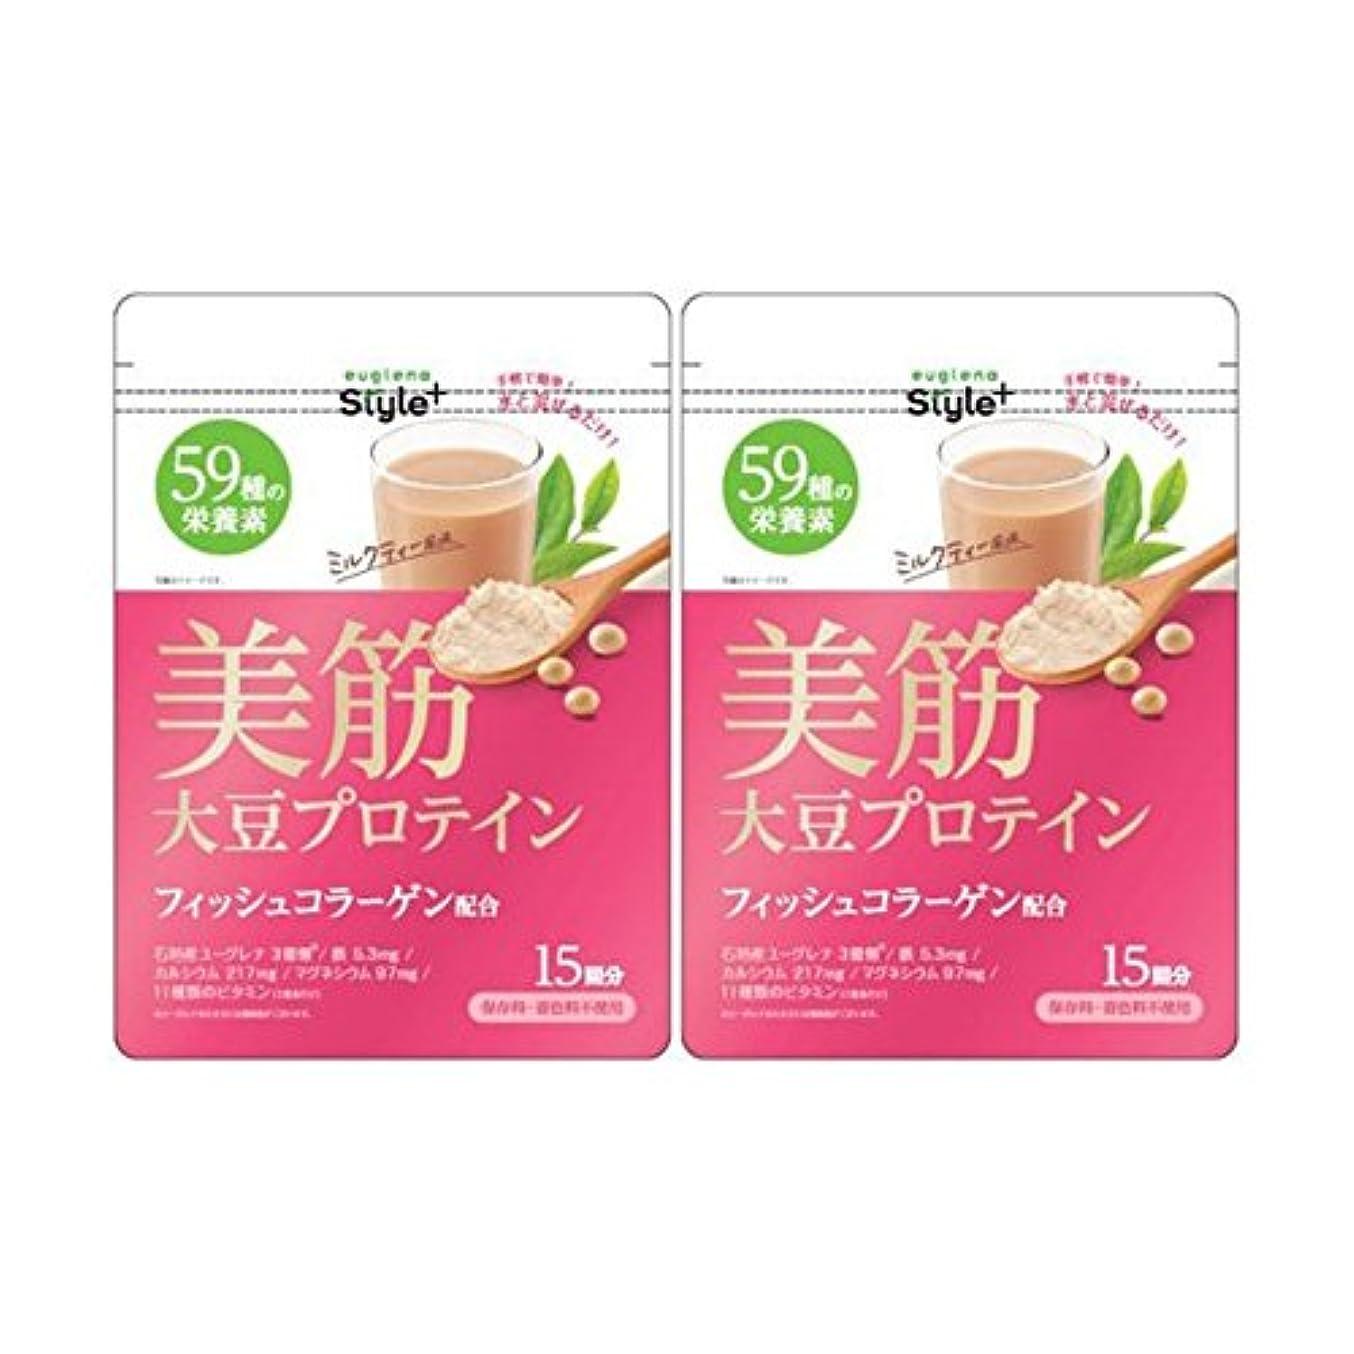 フェッチ適合インポート【2個セット】ユーグレナ 美筋 大豆プロテイン 180g